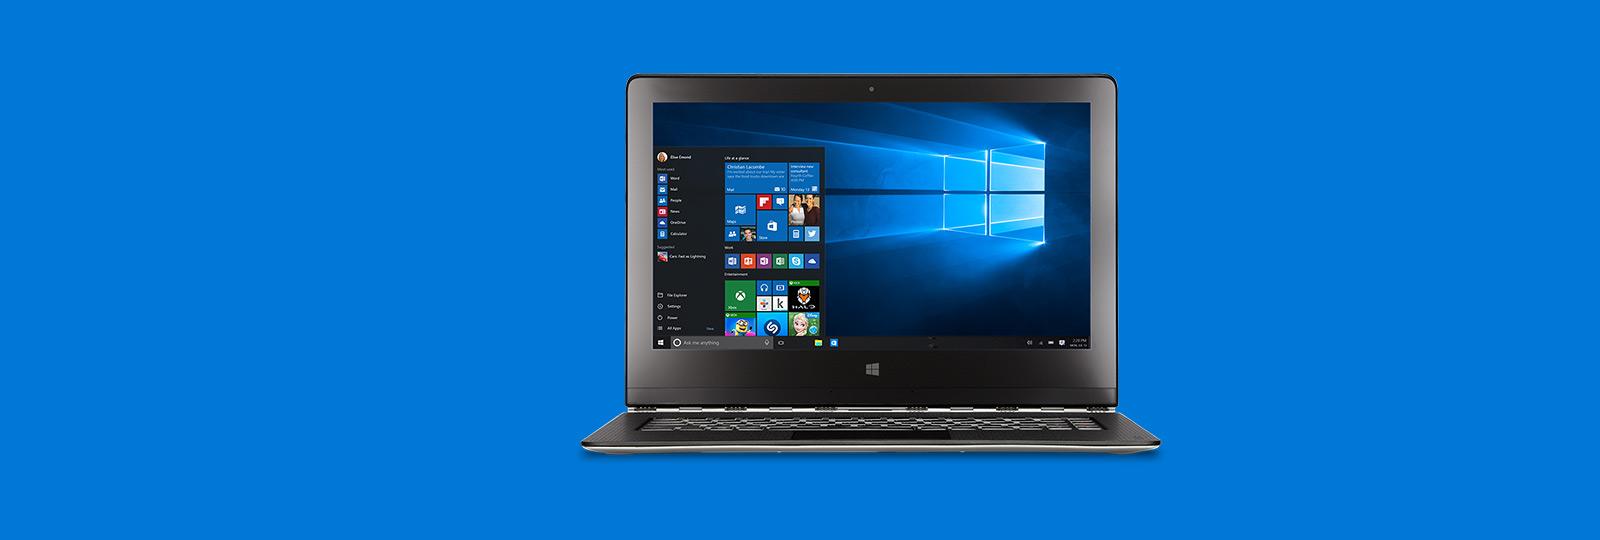 Det bästa Windows någonsin. Uppgradera kostnadsfritt.*